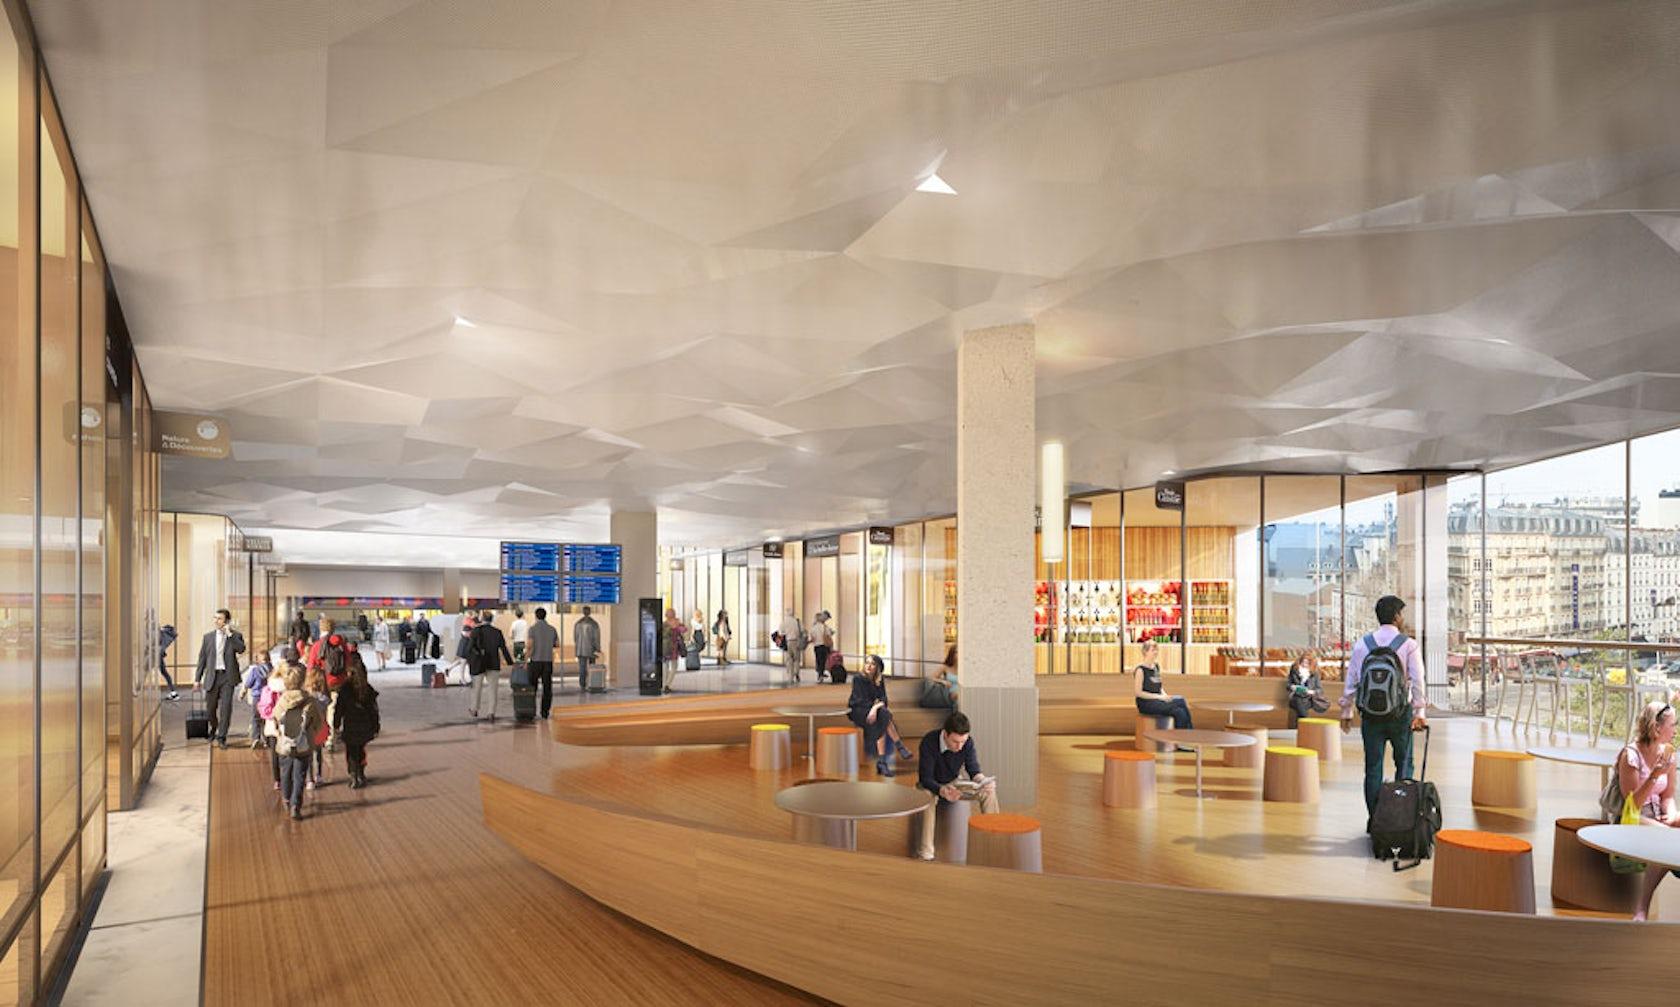 Gare montparnasse paris train station architizer for Hotel design montparnasse